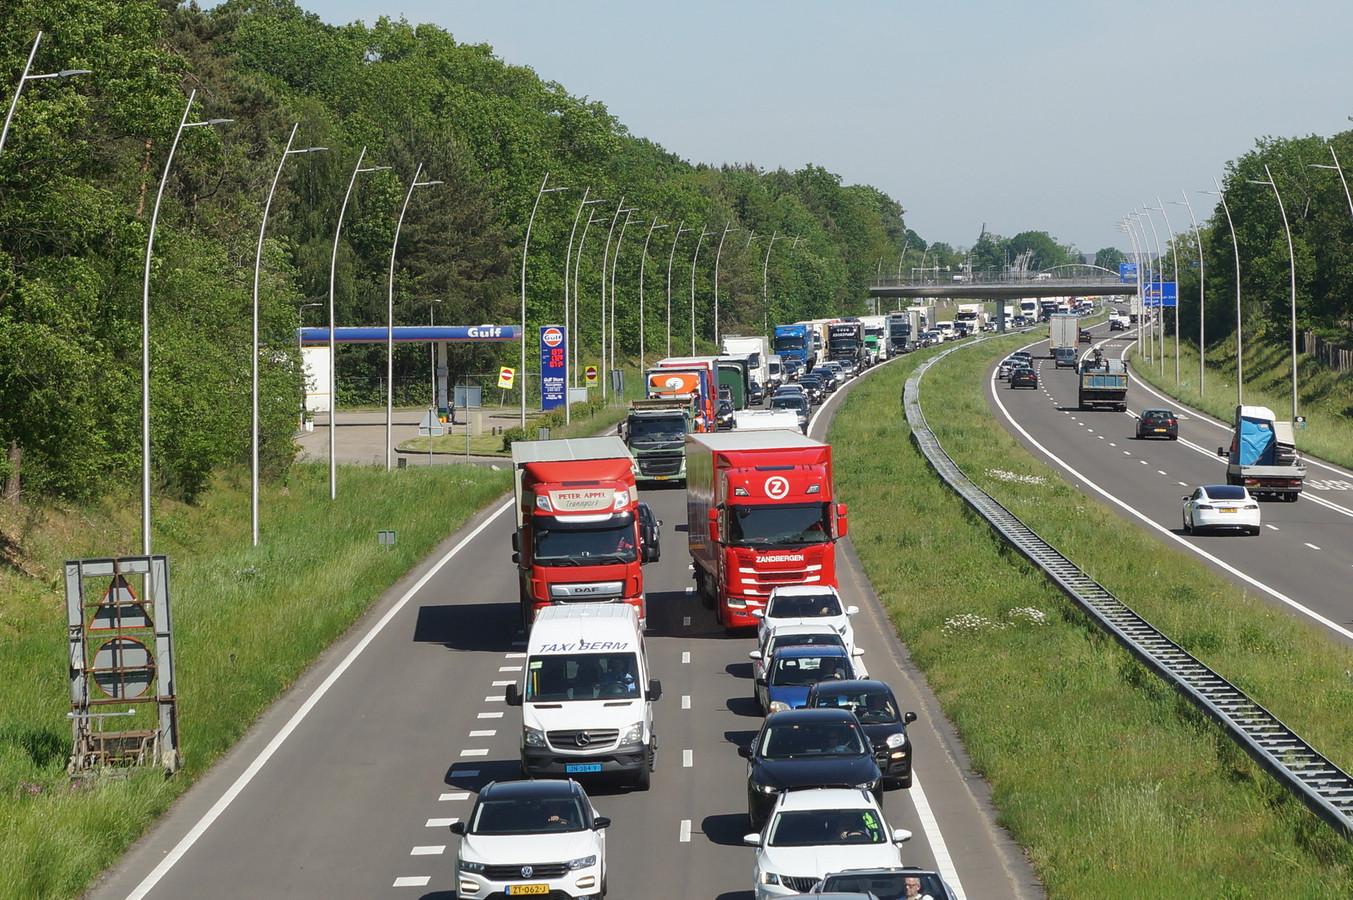 Woensdagochtend stond er file op de N261 bij Kaatsheuvel, veroorzaakt door een gekantelde vrachtwagen en meerdere botsingen. Het is een beeld dat we de laatste tijd weer veel vaker zien in Brabant.